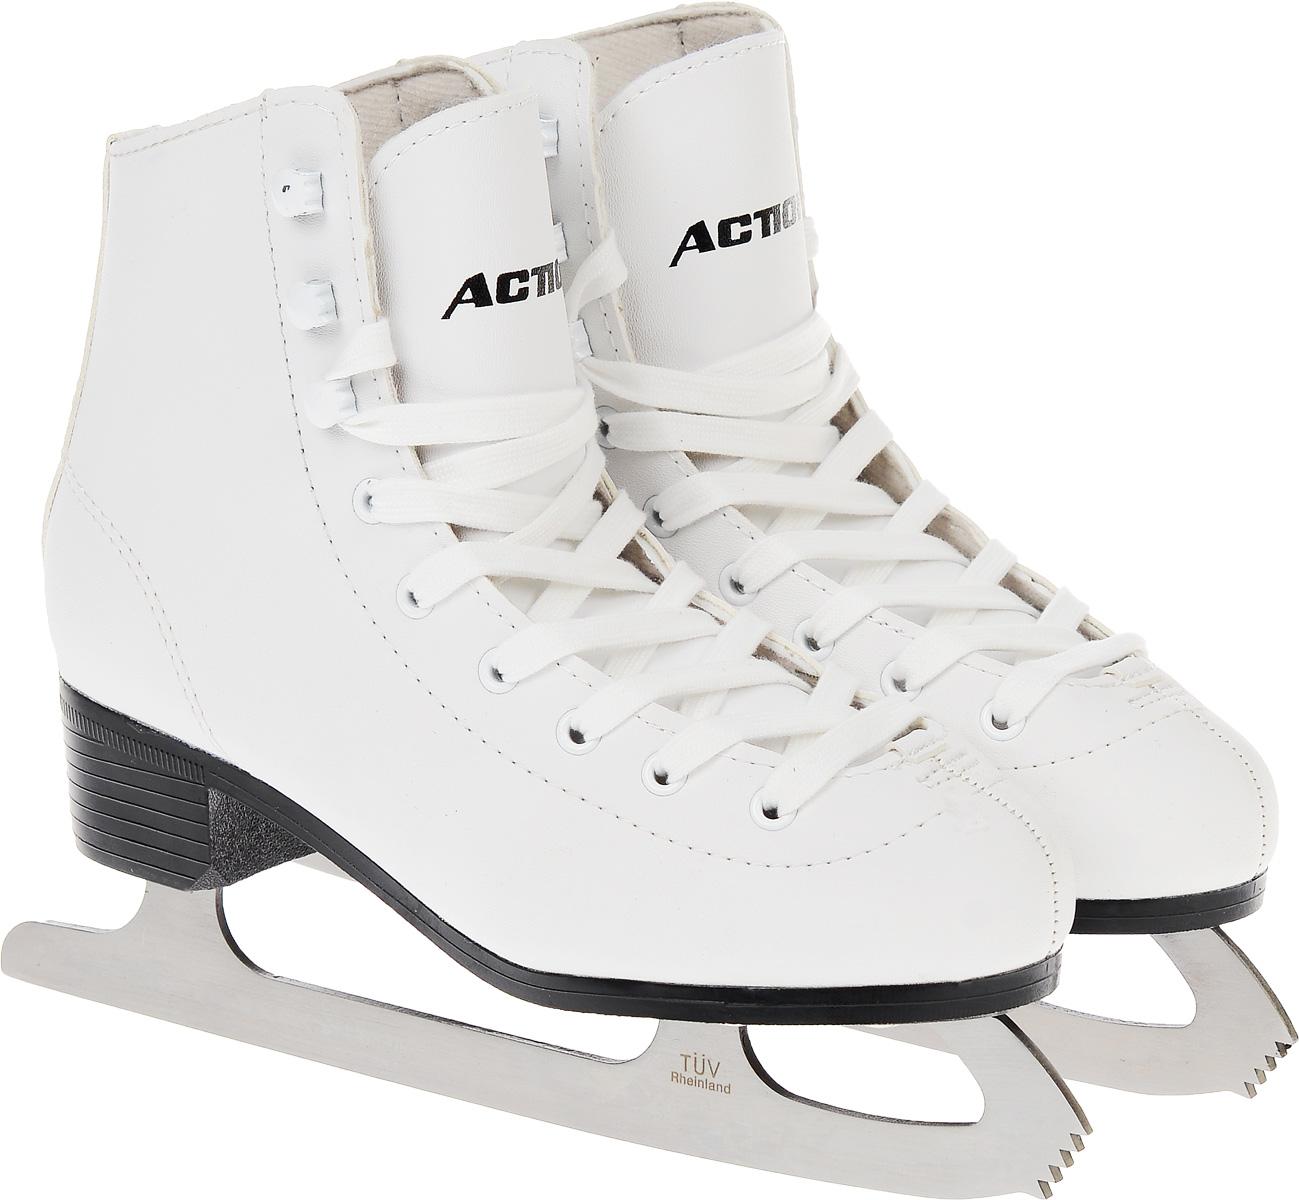 Коньки фигурные женские Action Sporting Goods, цвет: белый. PW-215. Размер 40 PW-215_белый_40